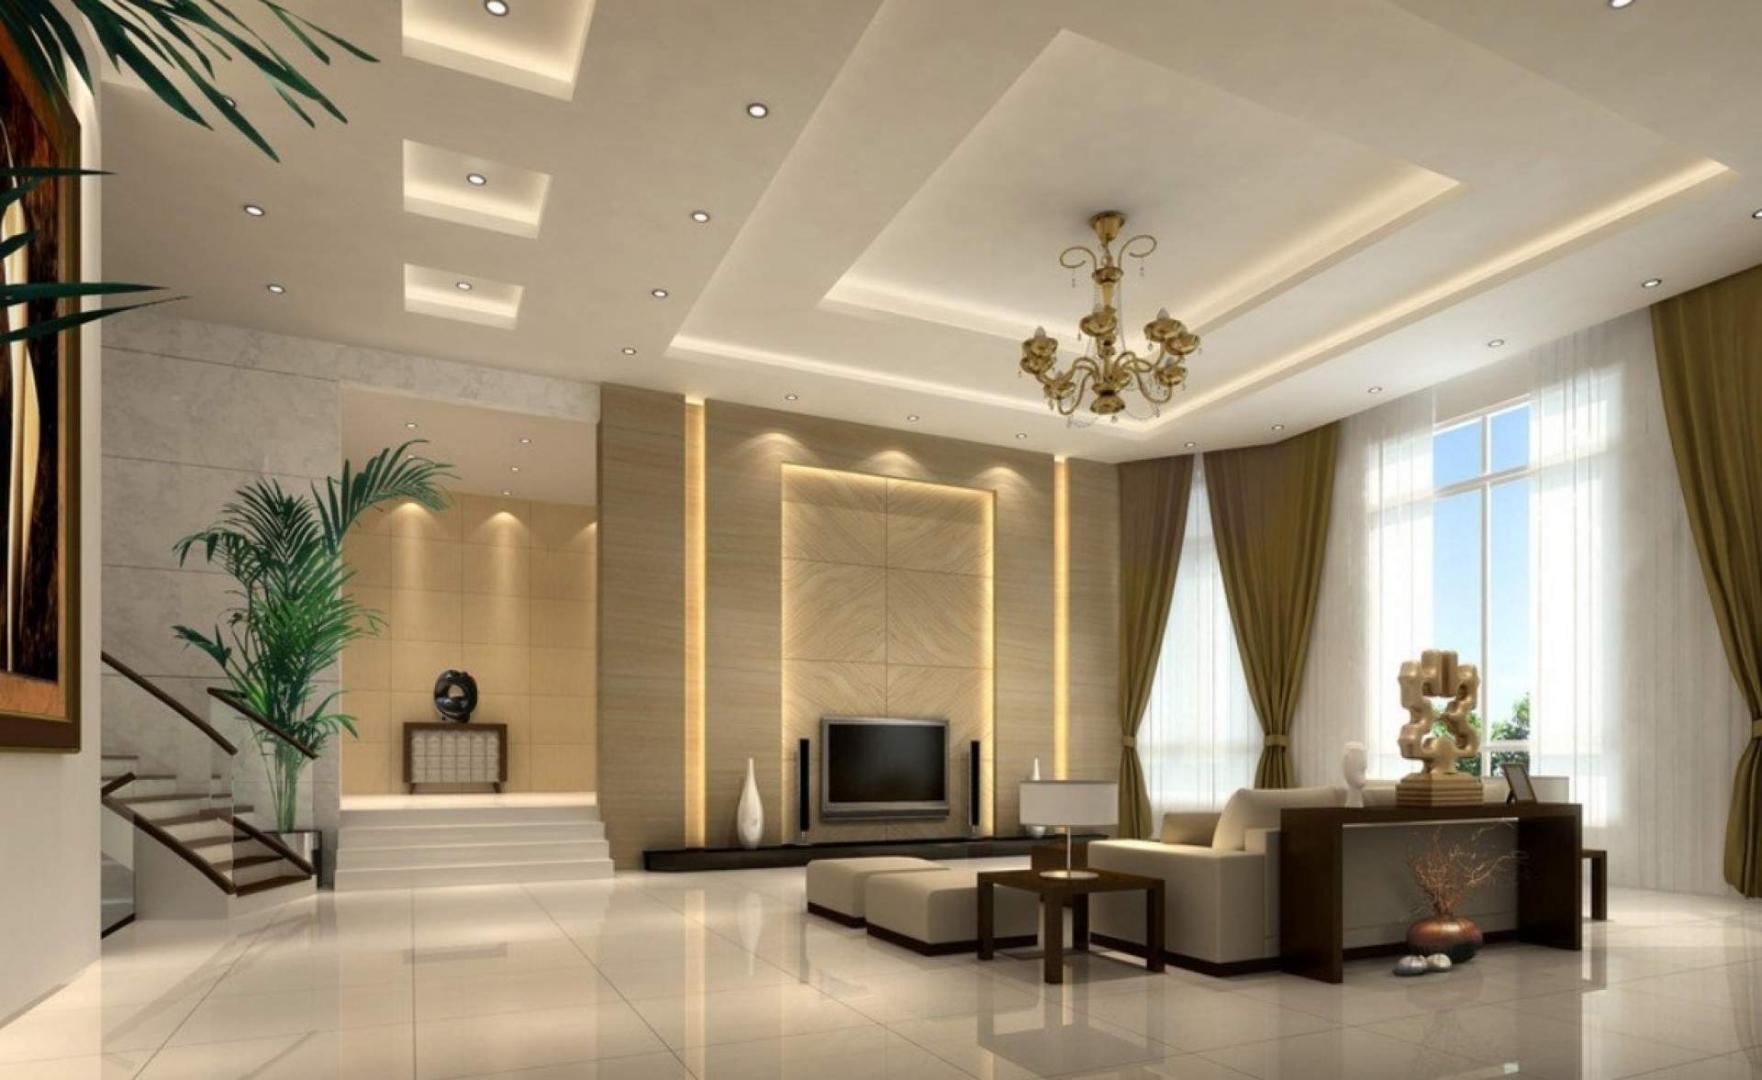 множества красивые потолки фото для гостиная ютуб берегу черного моря